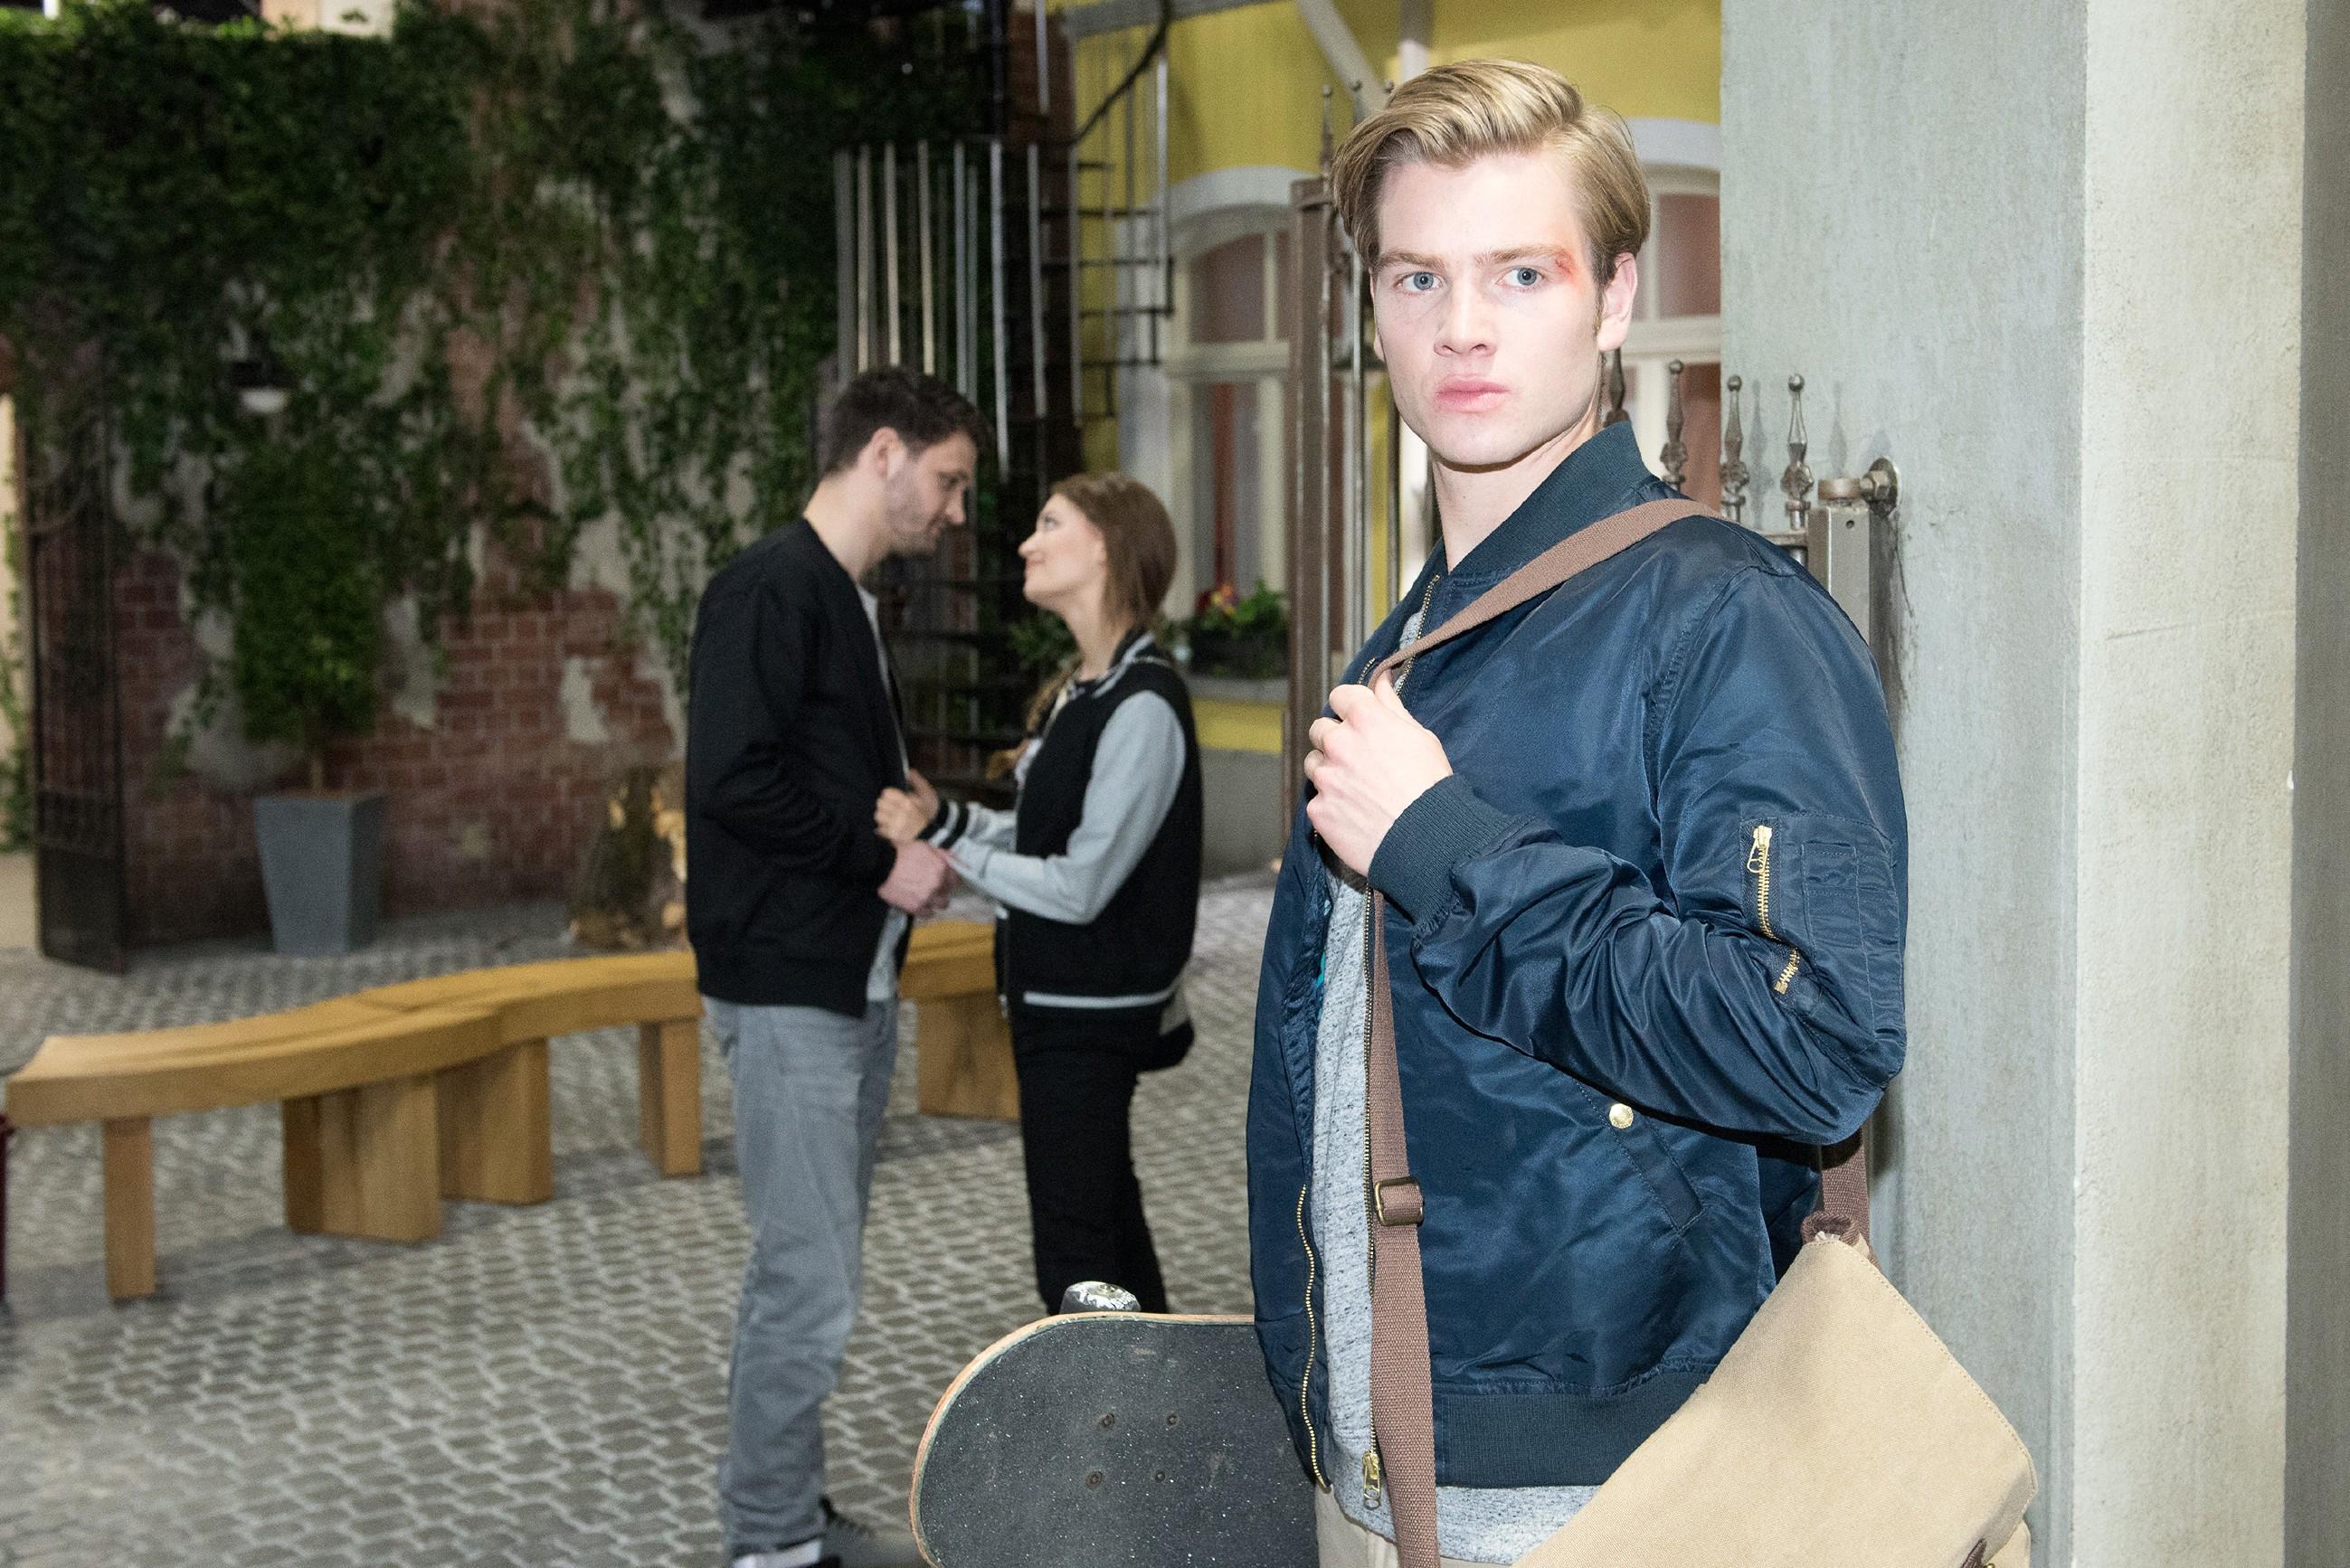 Valentin (Aaron Koszuta, r.) ist getroffen, als er beobachtet, wie Jule (Amrei Haardt) mit Mario (Arne Rudolf) flirtet.